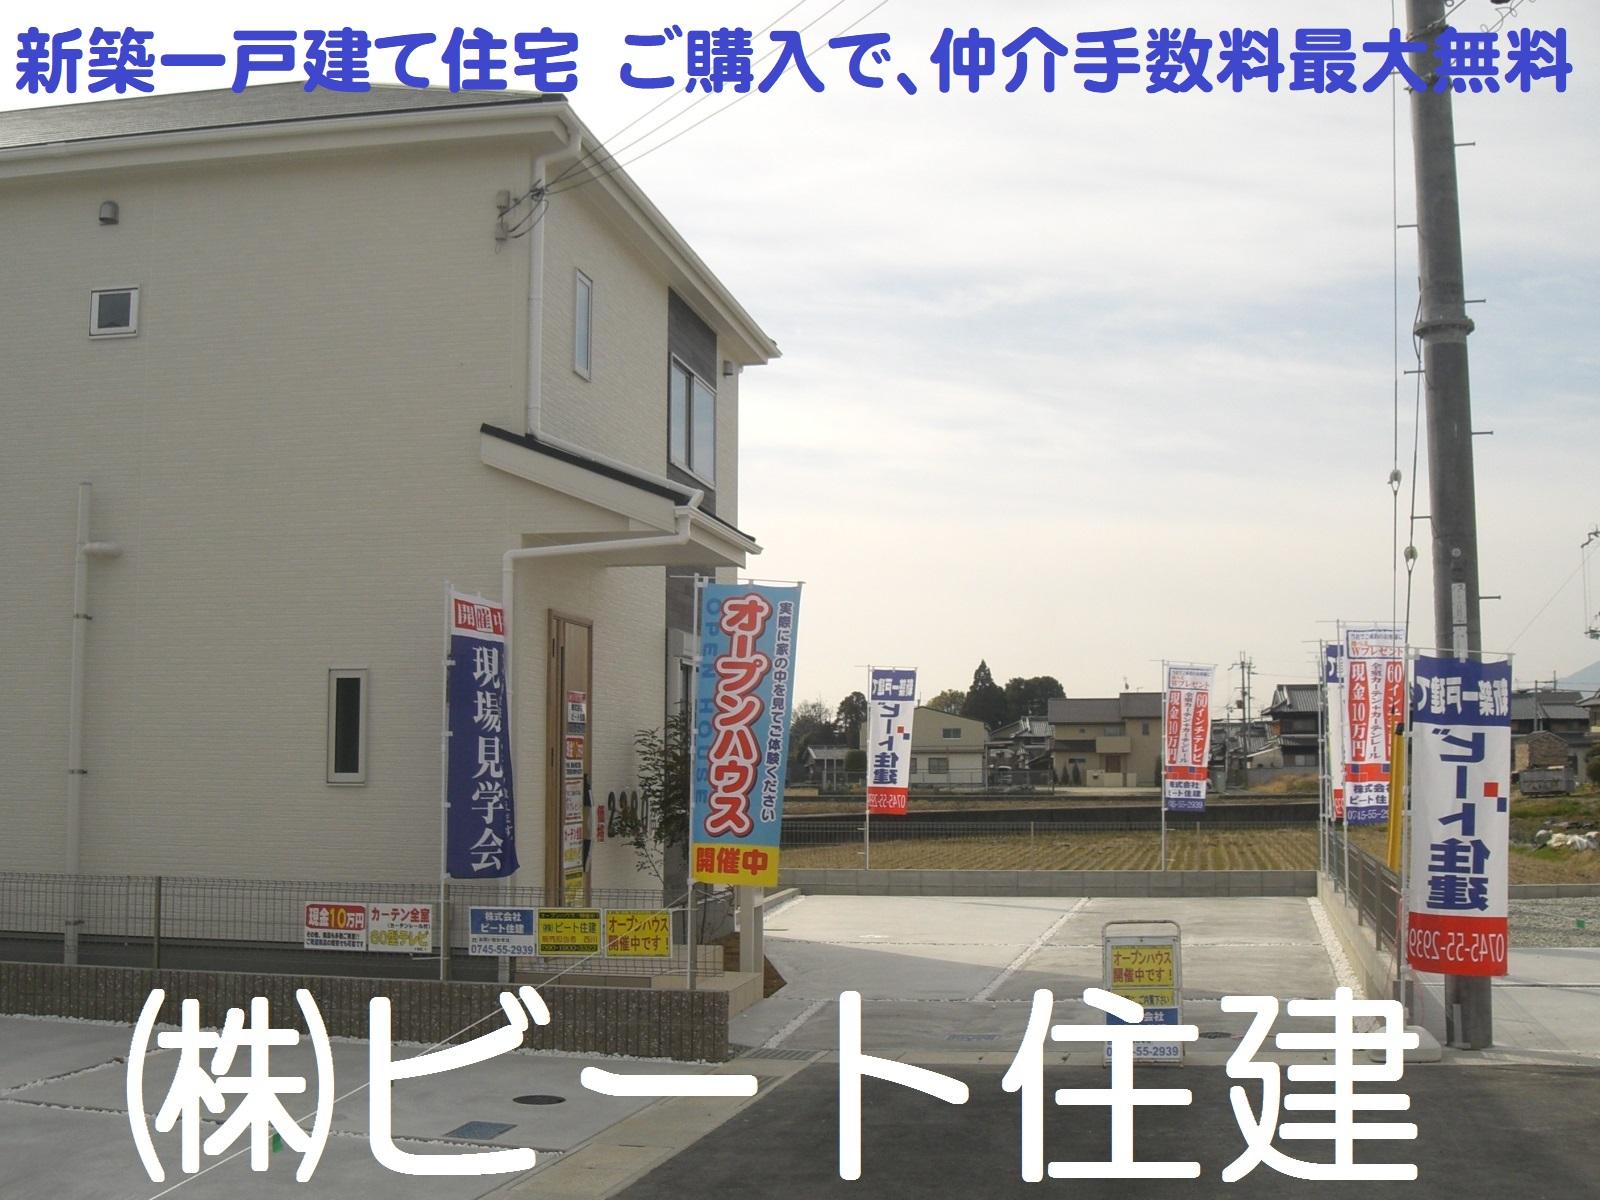 奈良県 広陵町 新築 お買い得 ビート住建 仲介手数料 最大無料 値引き、値下げ 大歓迎!